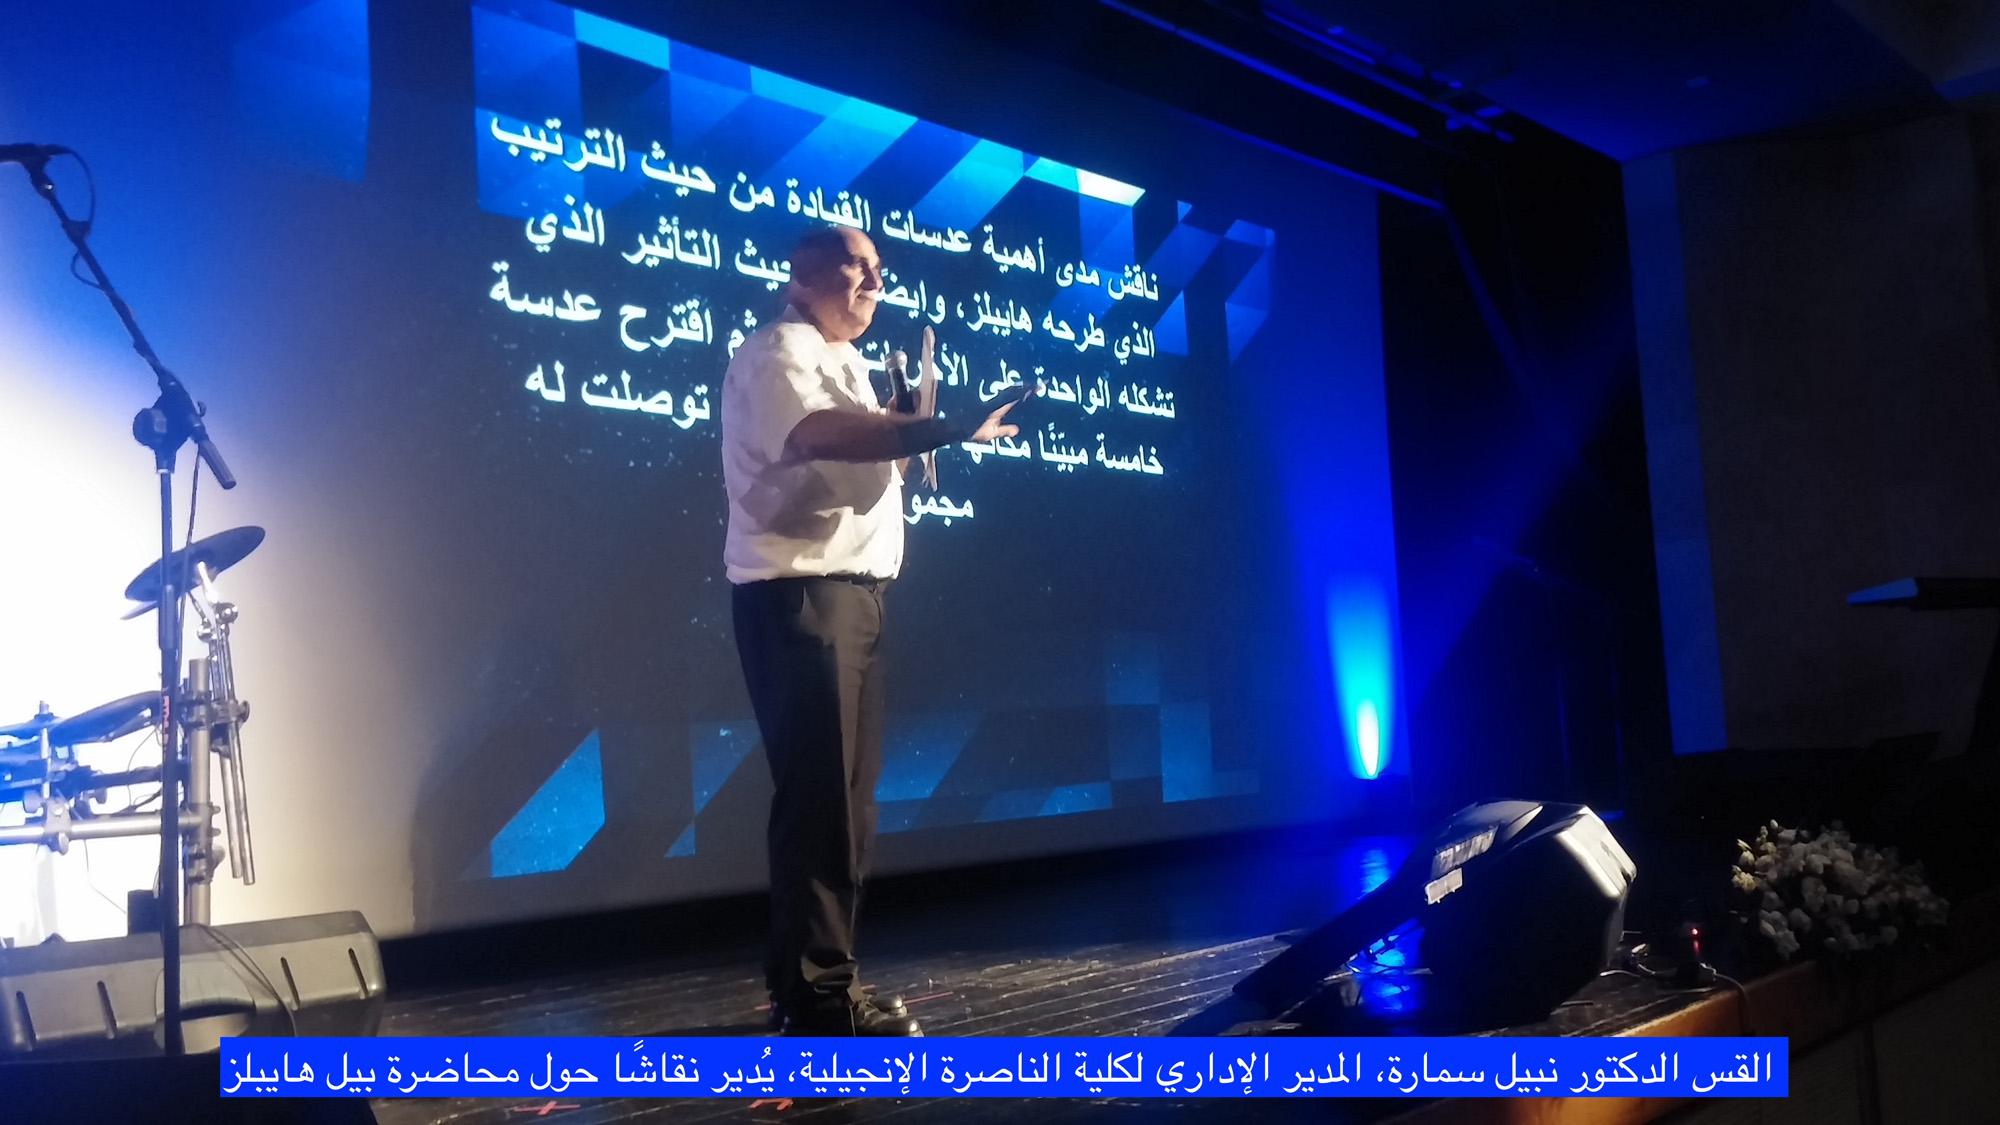 القس نبيل سمارة في تعليق على محاضرة القس بيل هايبلس